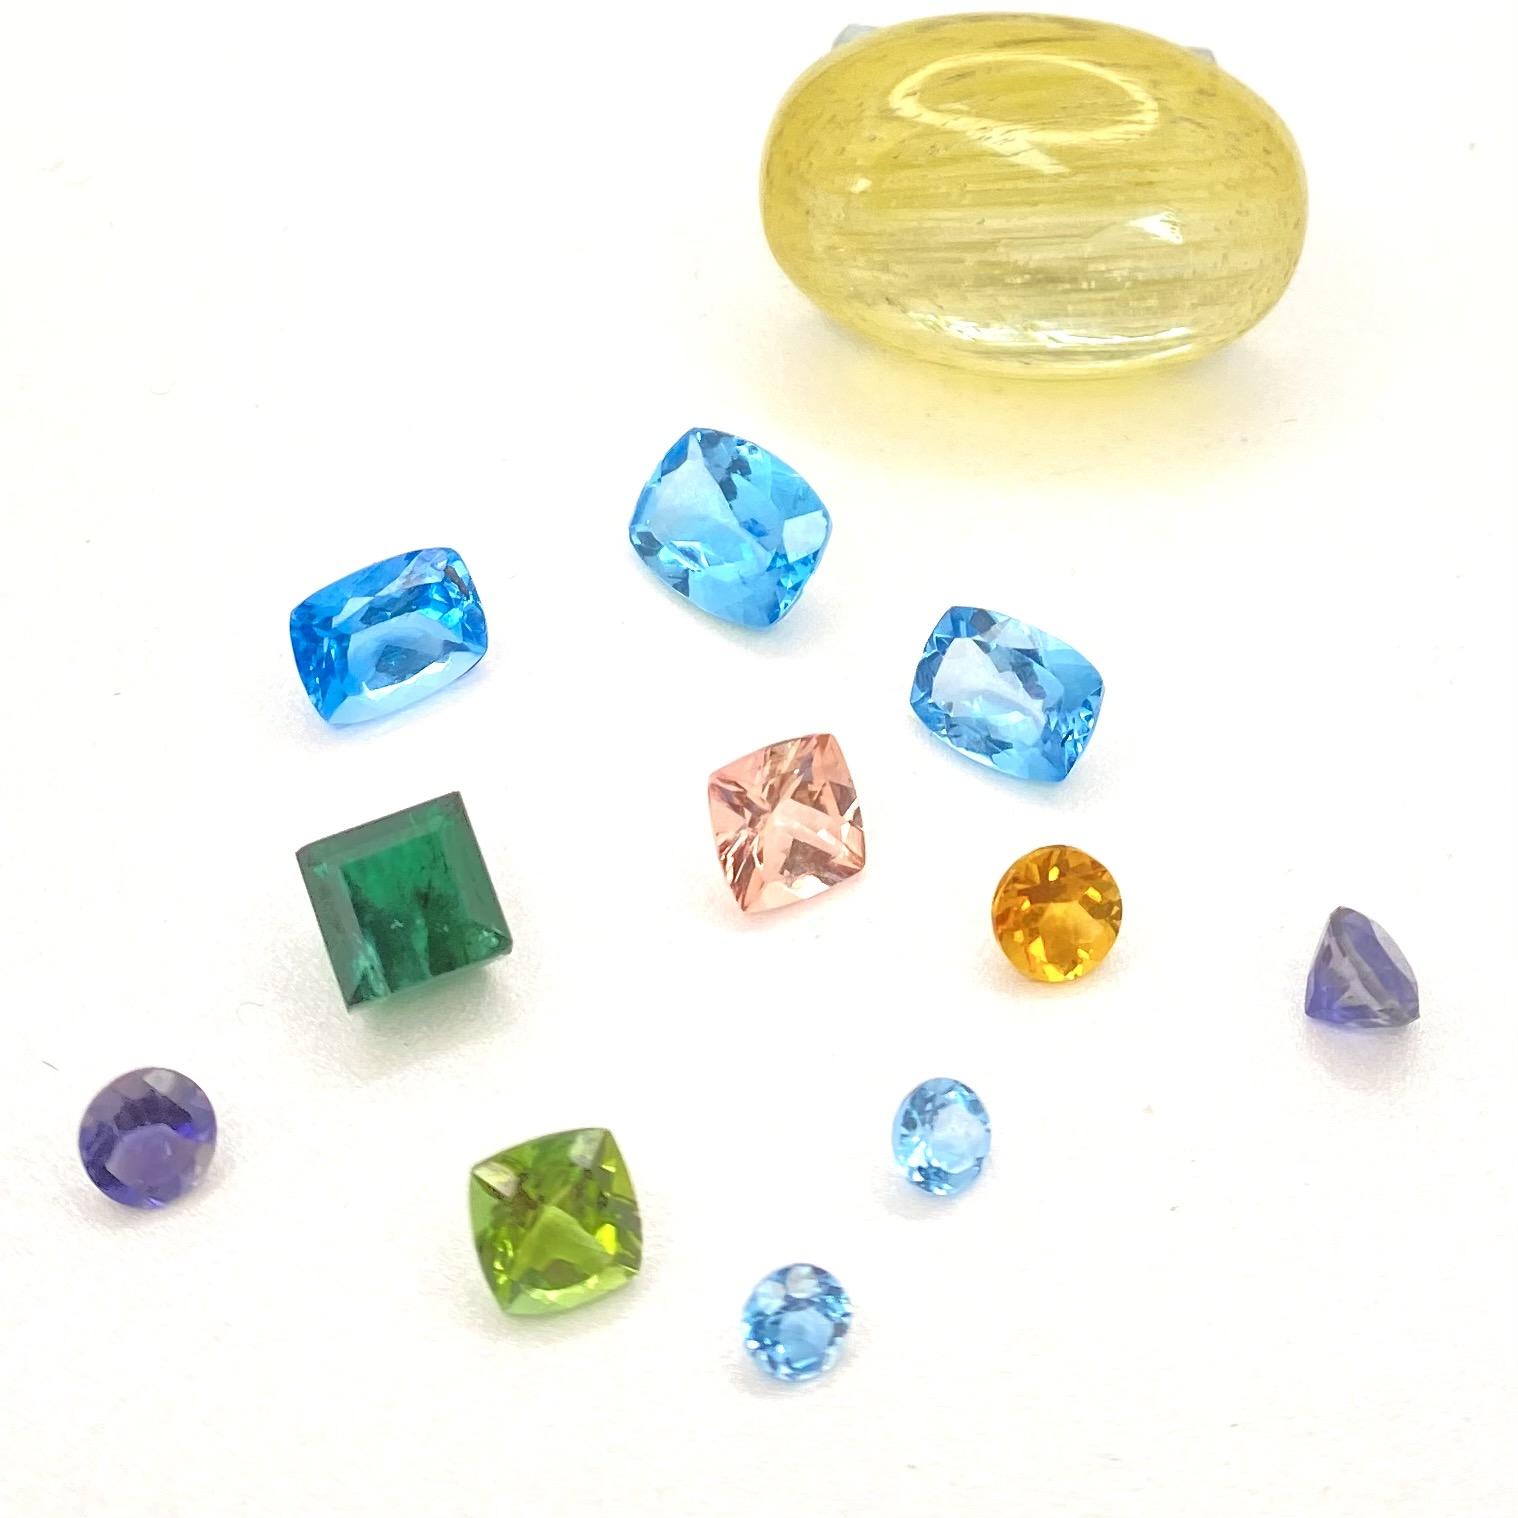 Bijoux artisanaux en belgique, JUSTINJEWELS bijouterie en ligne avec pierres fines, pierres semi-précieuses, pierres de couleur